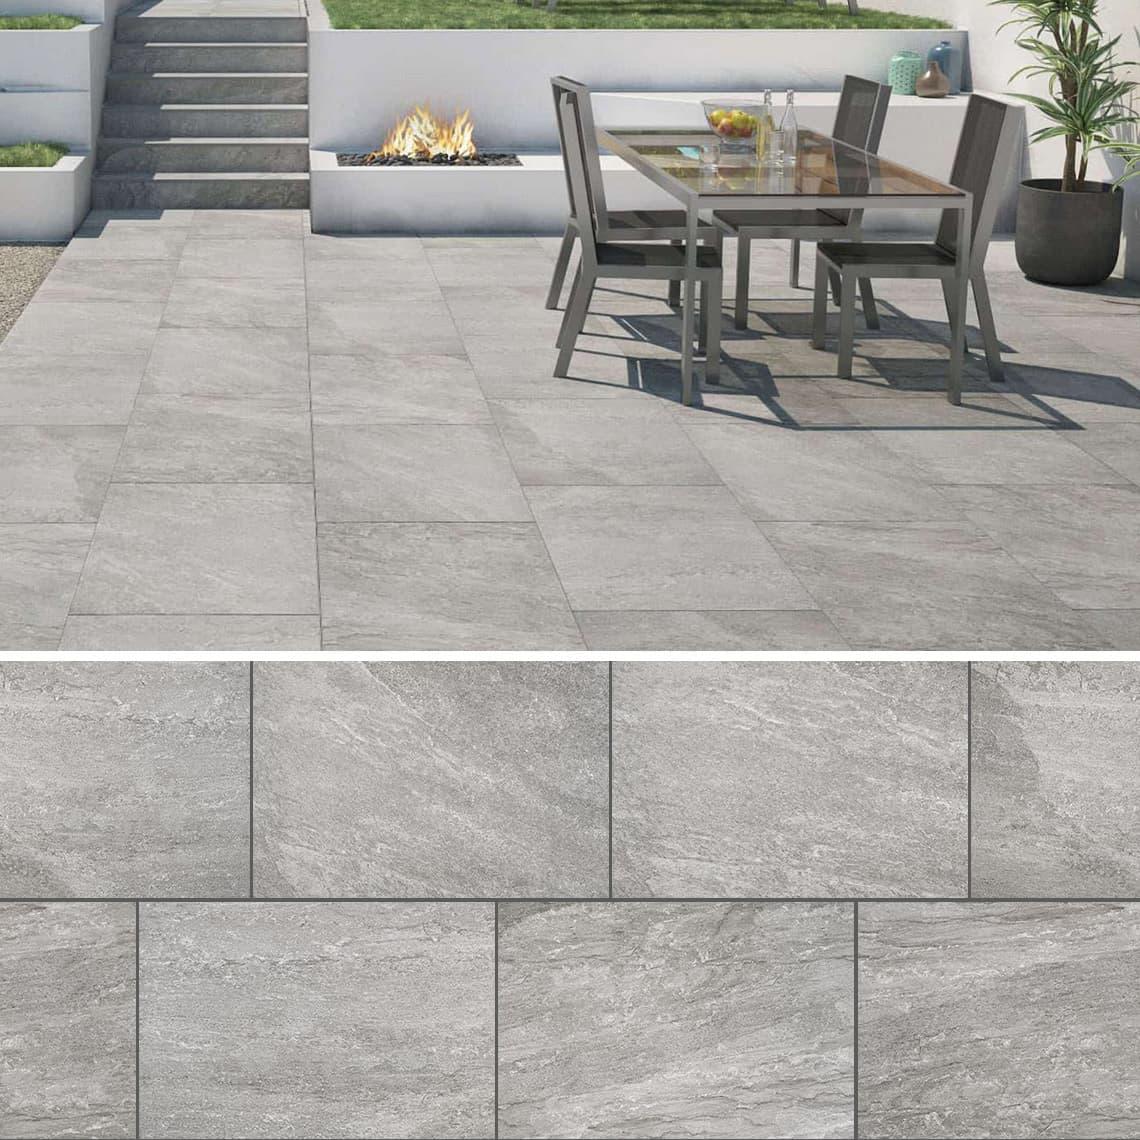 Terrassenplatte Rastone Grey 200x200x20 cm